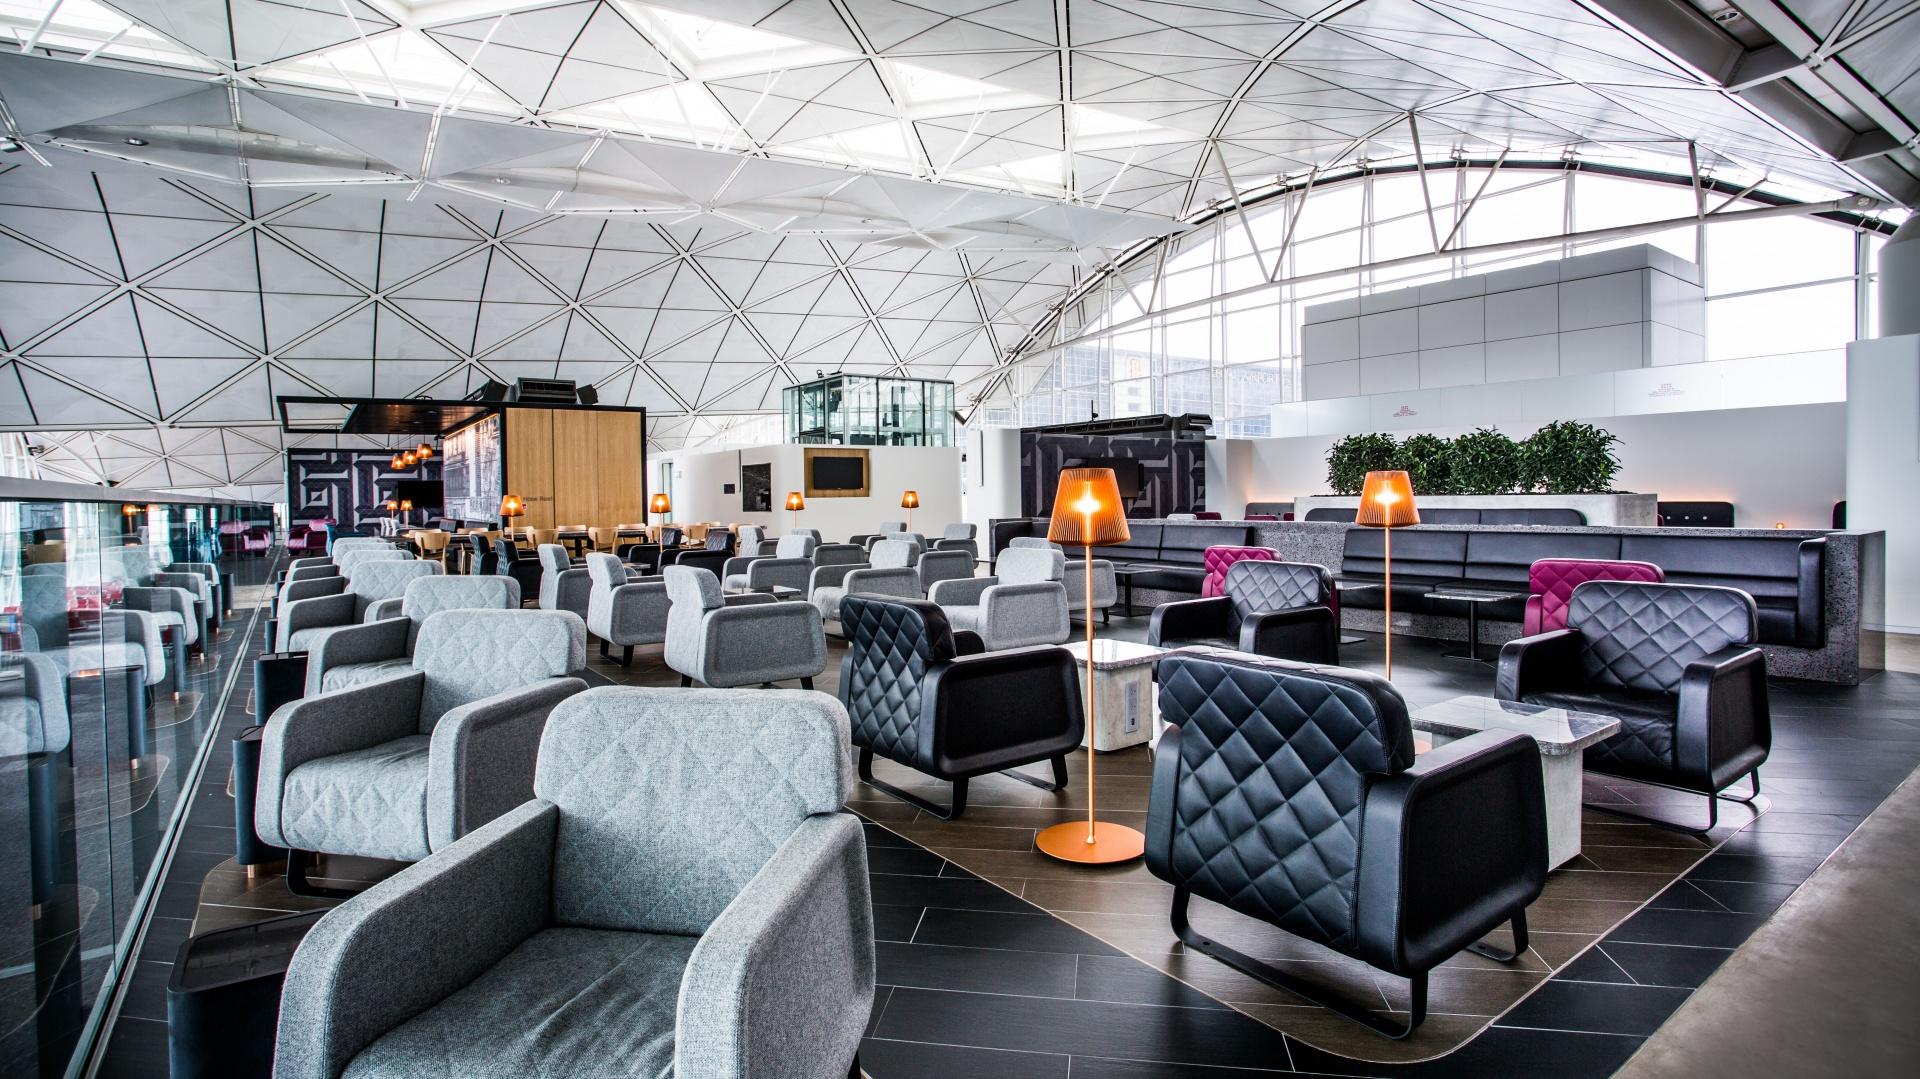 """Charakterystyczna architektura dachu budynku lotniska oparta na stalowej konstrukcji przypominać ma baldachimy. To rodzaj hołdu oddanego ulicom Hongkongu, na których małe bary i restauracje są chronione i wydzielane właśnie poprzez rozpostarcie nad nimi tego rodzaju """"dachu"""". Fot. SUMU/CAON design team"""